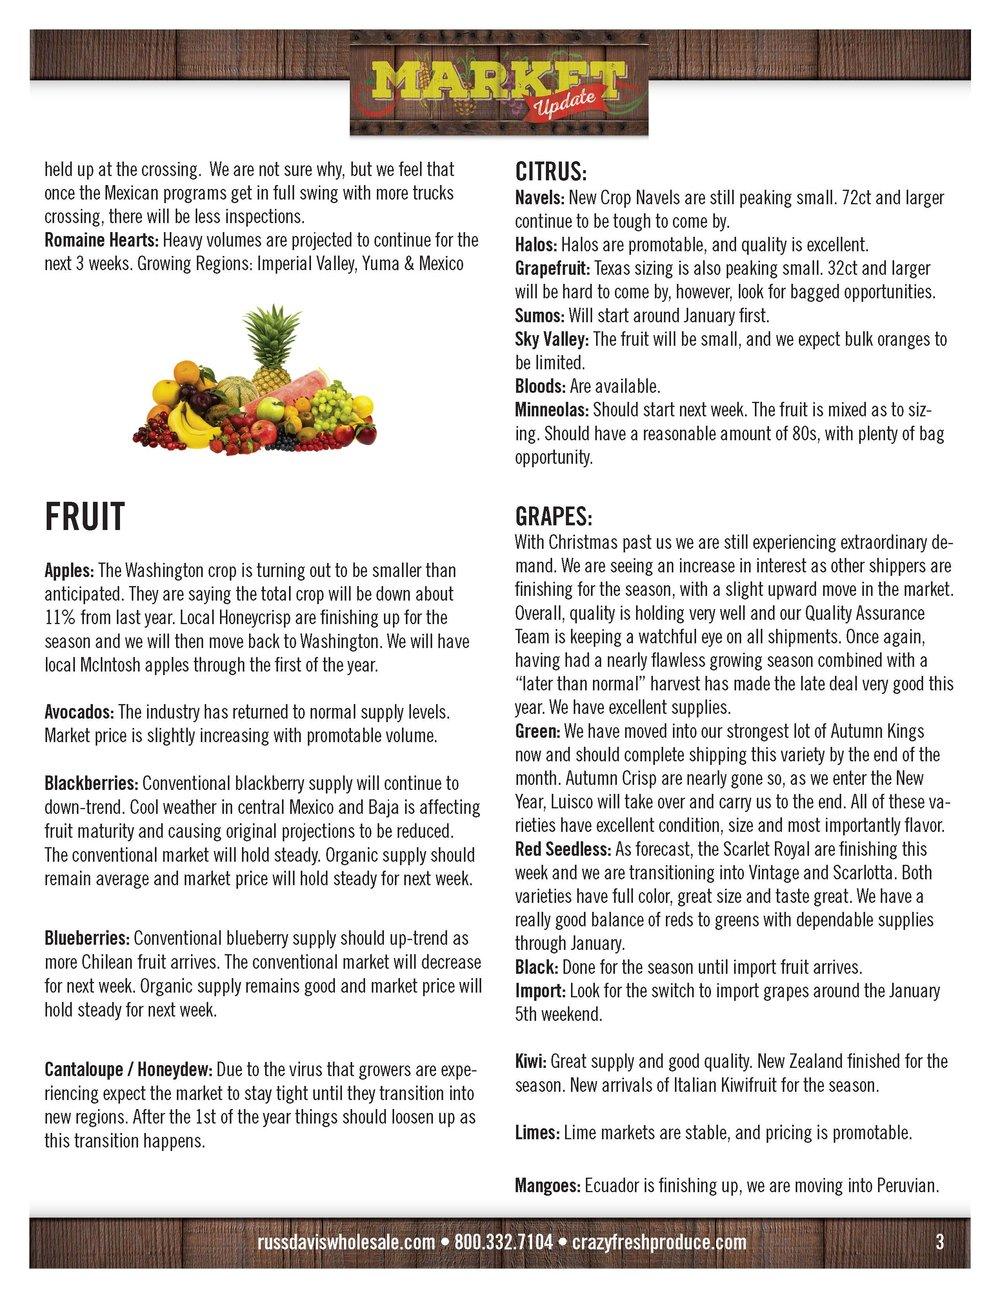 RDW_Market_Update_Jan2_19_Page_3.jpg